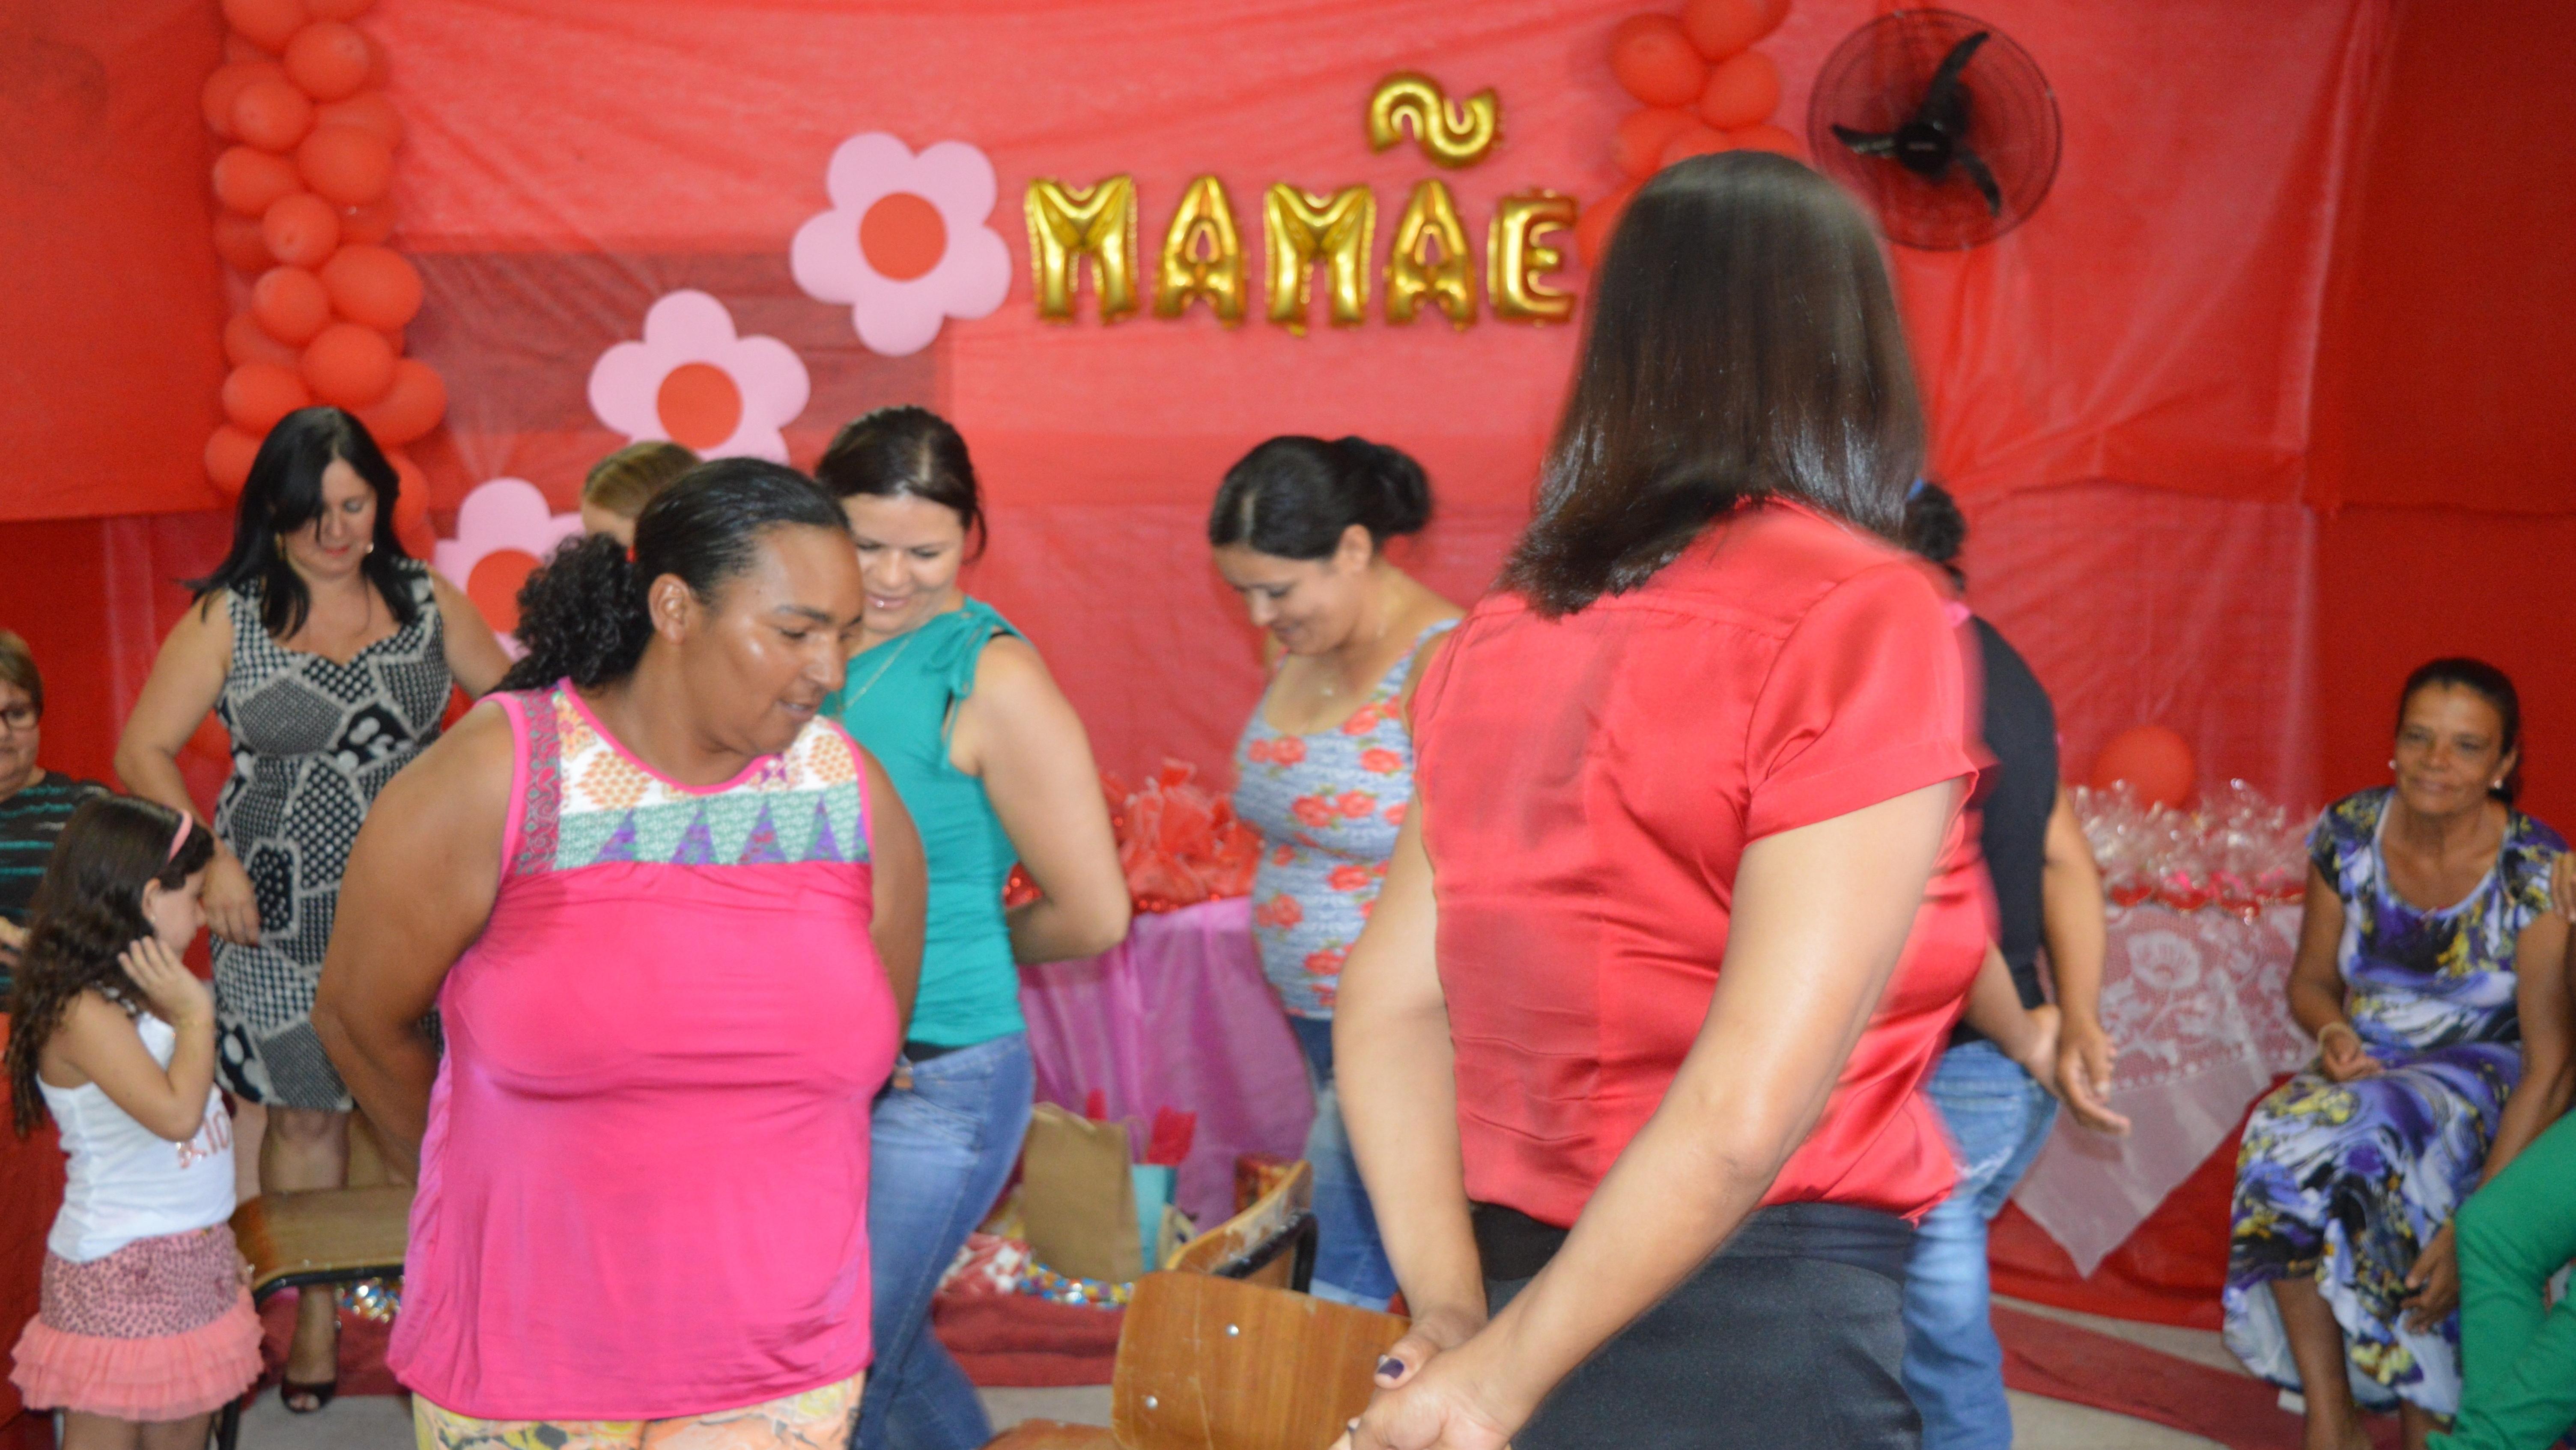 Festividades do dia das Mães (Foto: Adriano Amaro - Ascom/PMC)